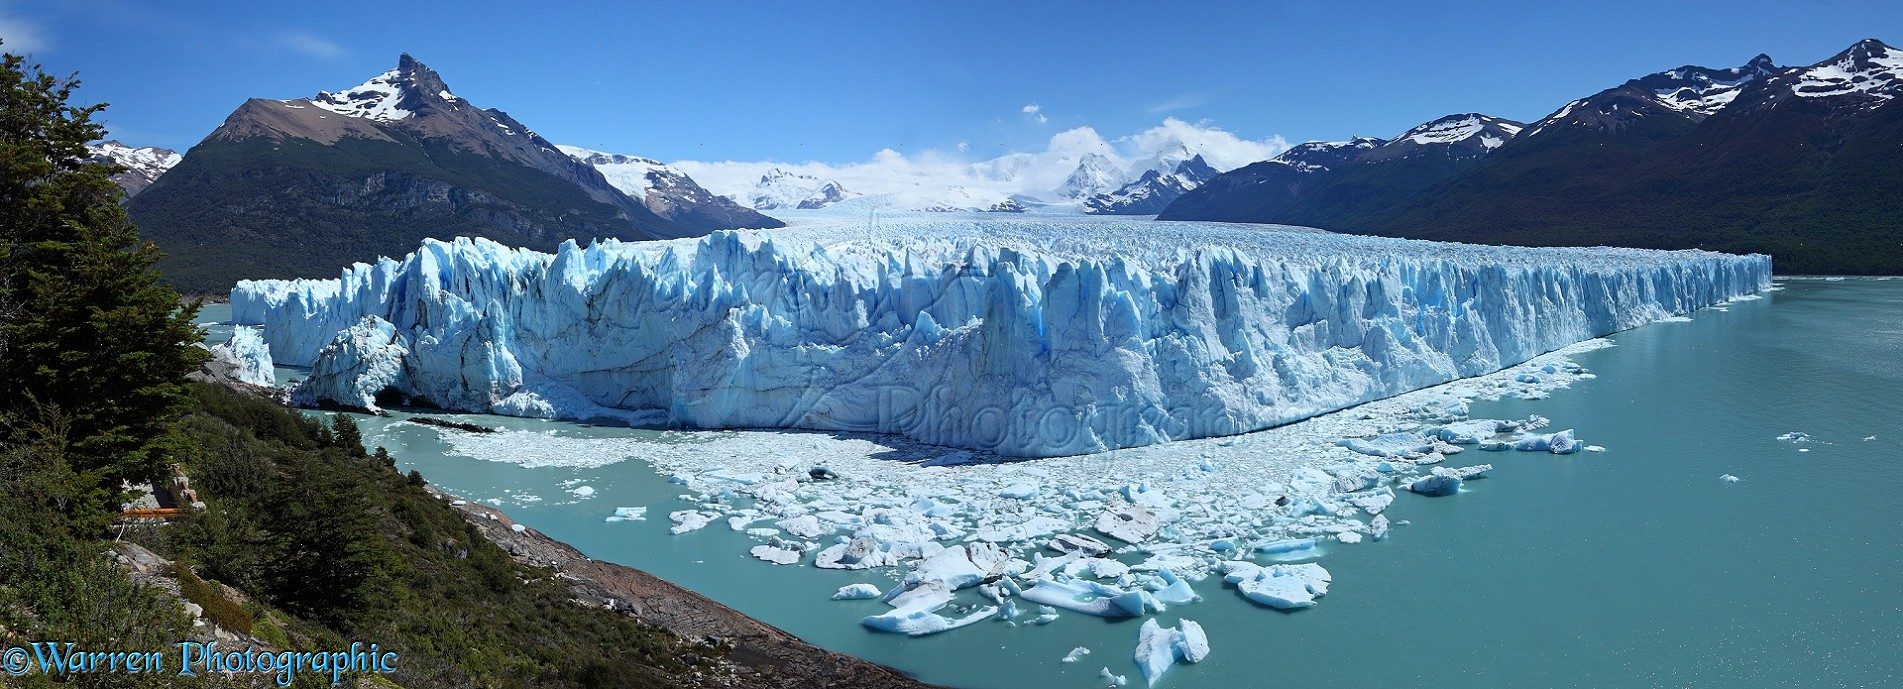 Perito Moreno Glacier Photo Wp32274